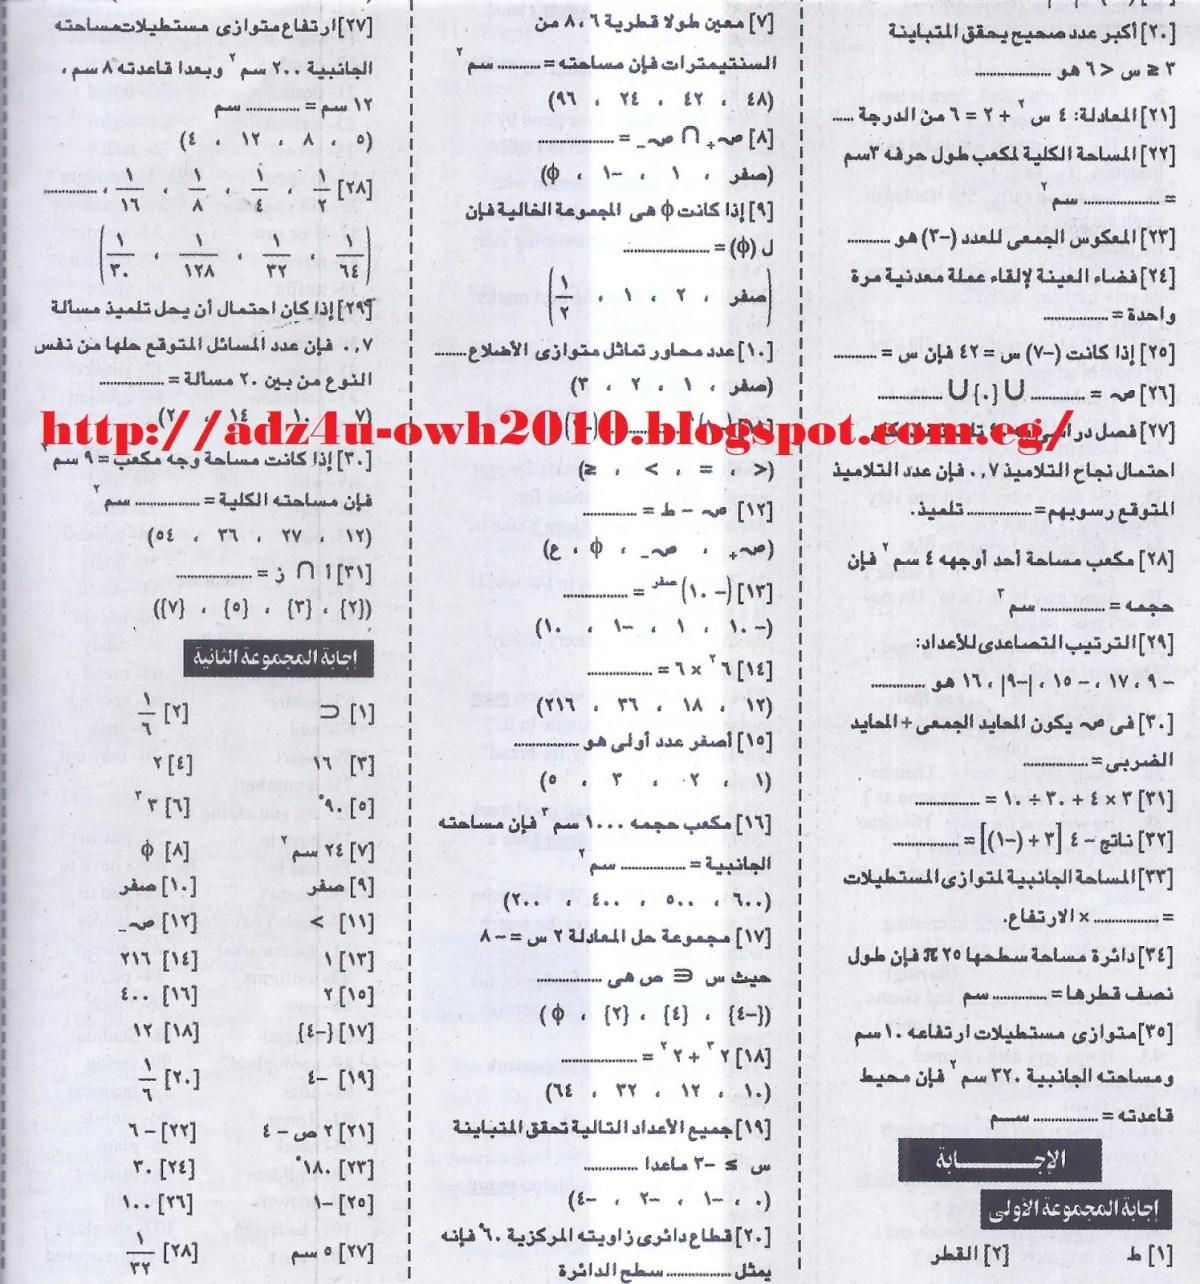 ملحق الجمهورية التعليمي في الرياضيات للصف السادس الابتدائي